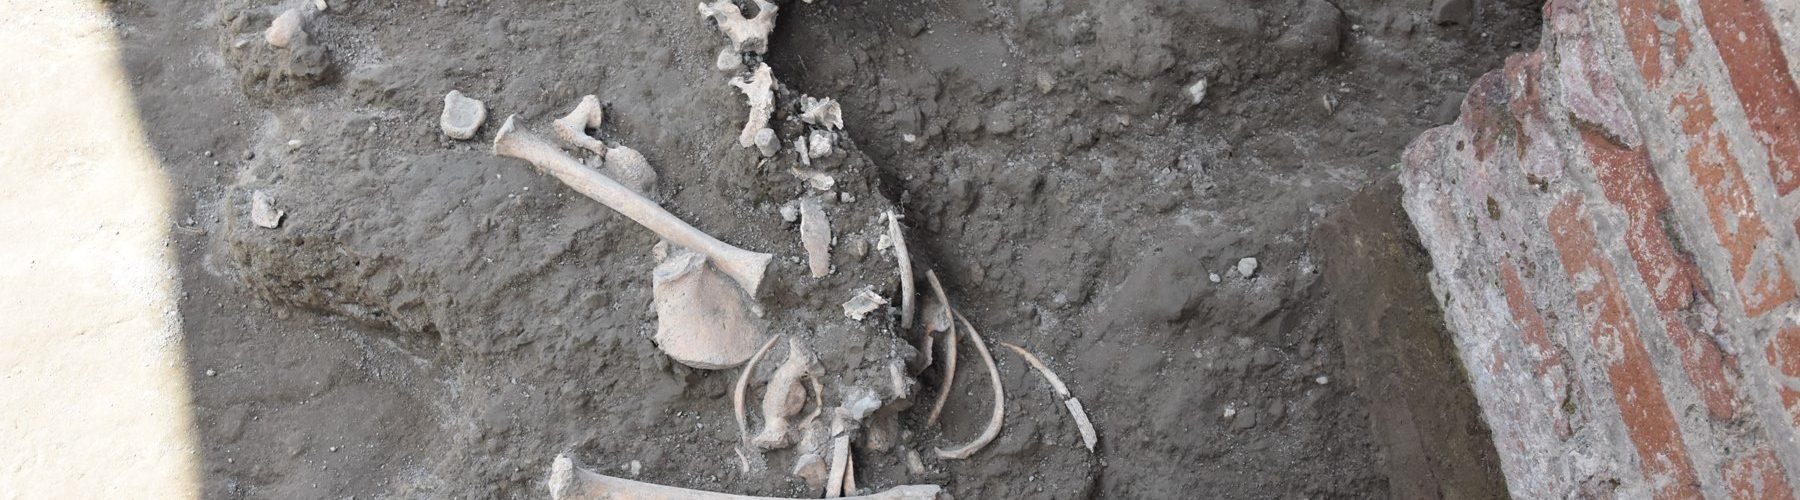 lo-scheletro-del-bimbo-ritrovato-a-pompei